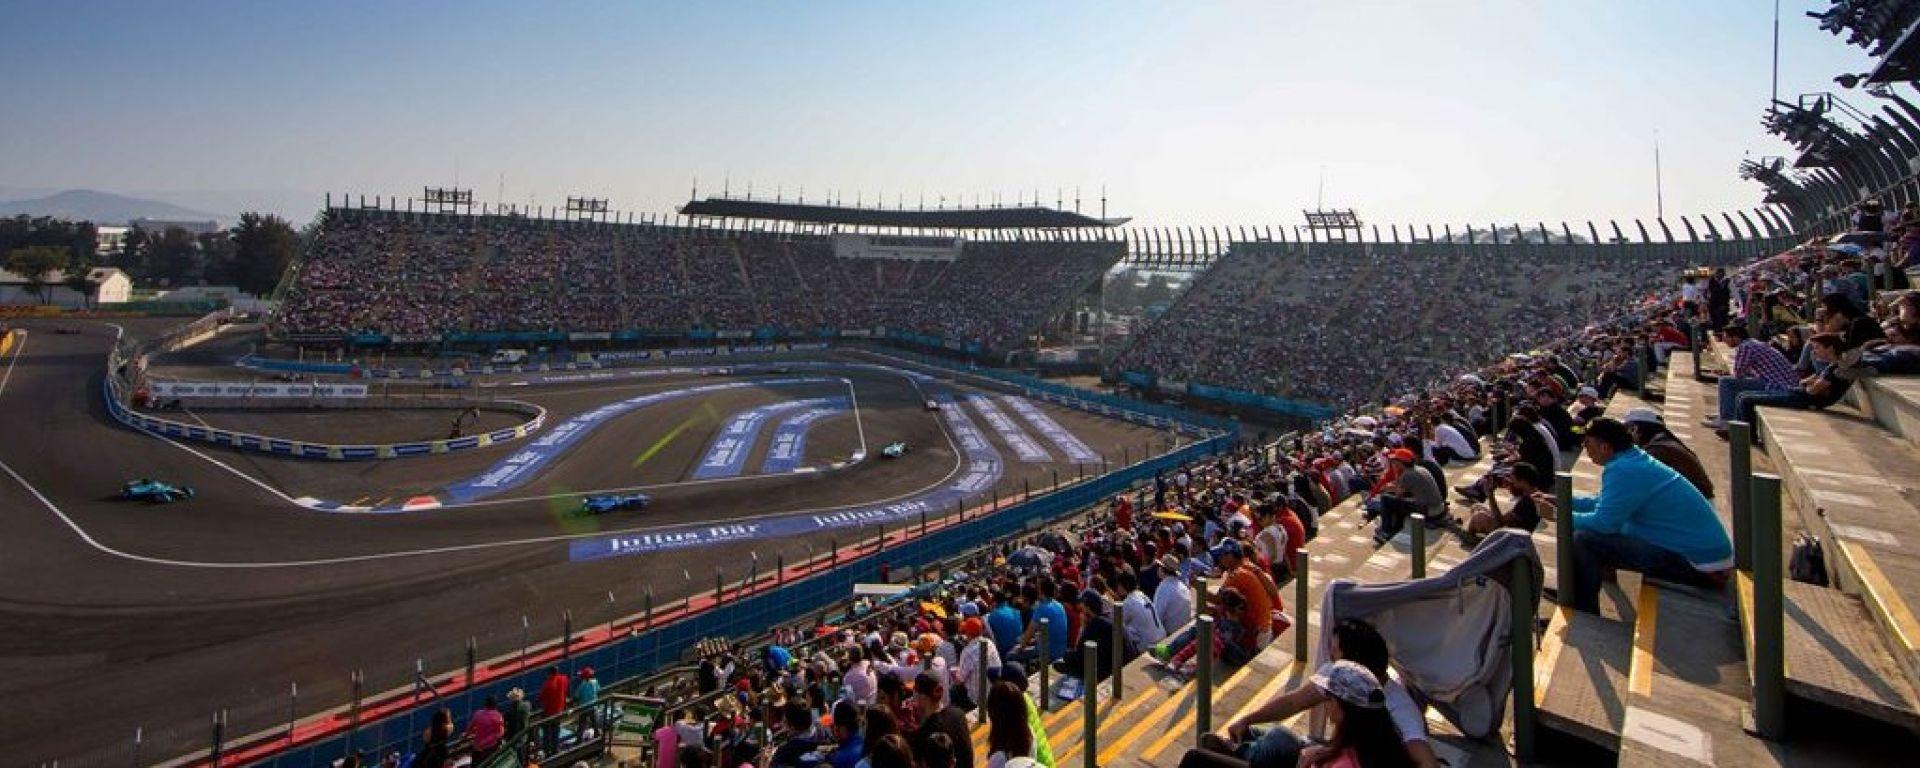 FIA Formula E 2017/2018 - ePrix del Messico 2017/2018